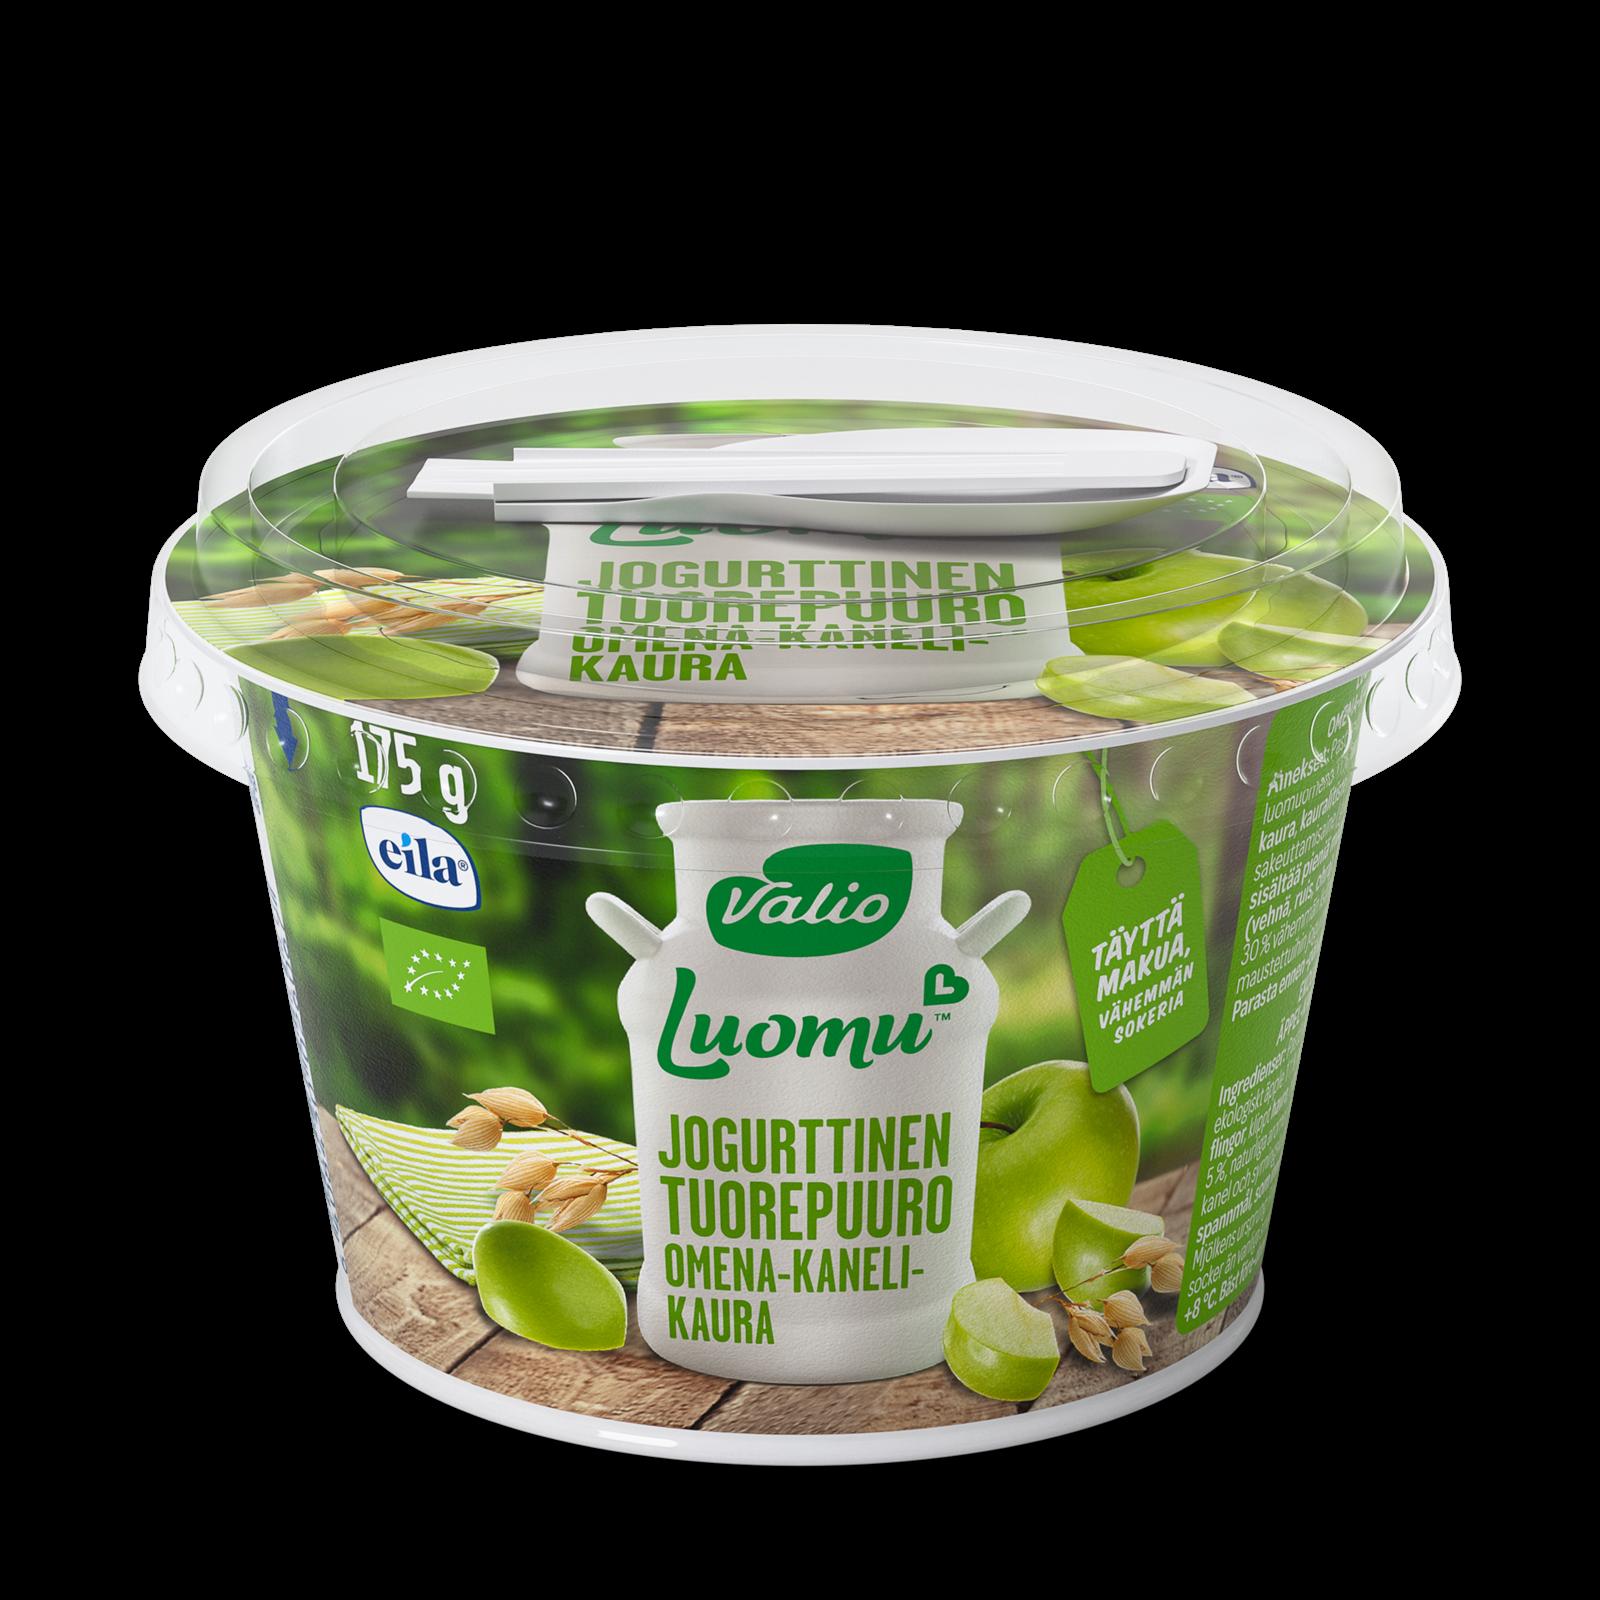 Valio Luomu™ jogurttinen tuorepuuro omena-kaneli-kaura laktoositon